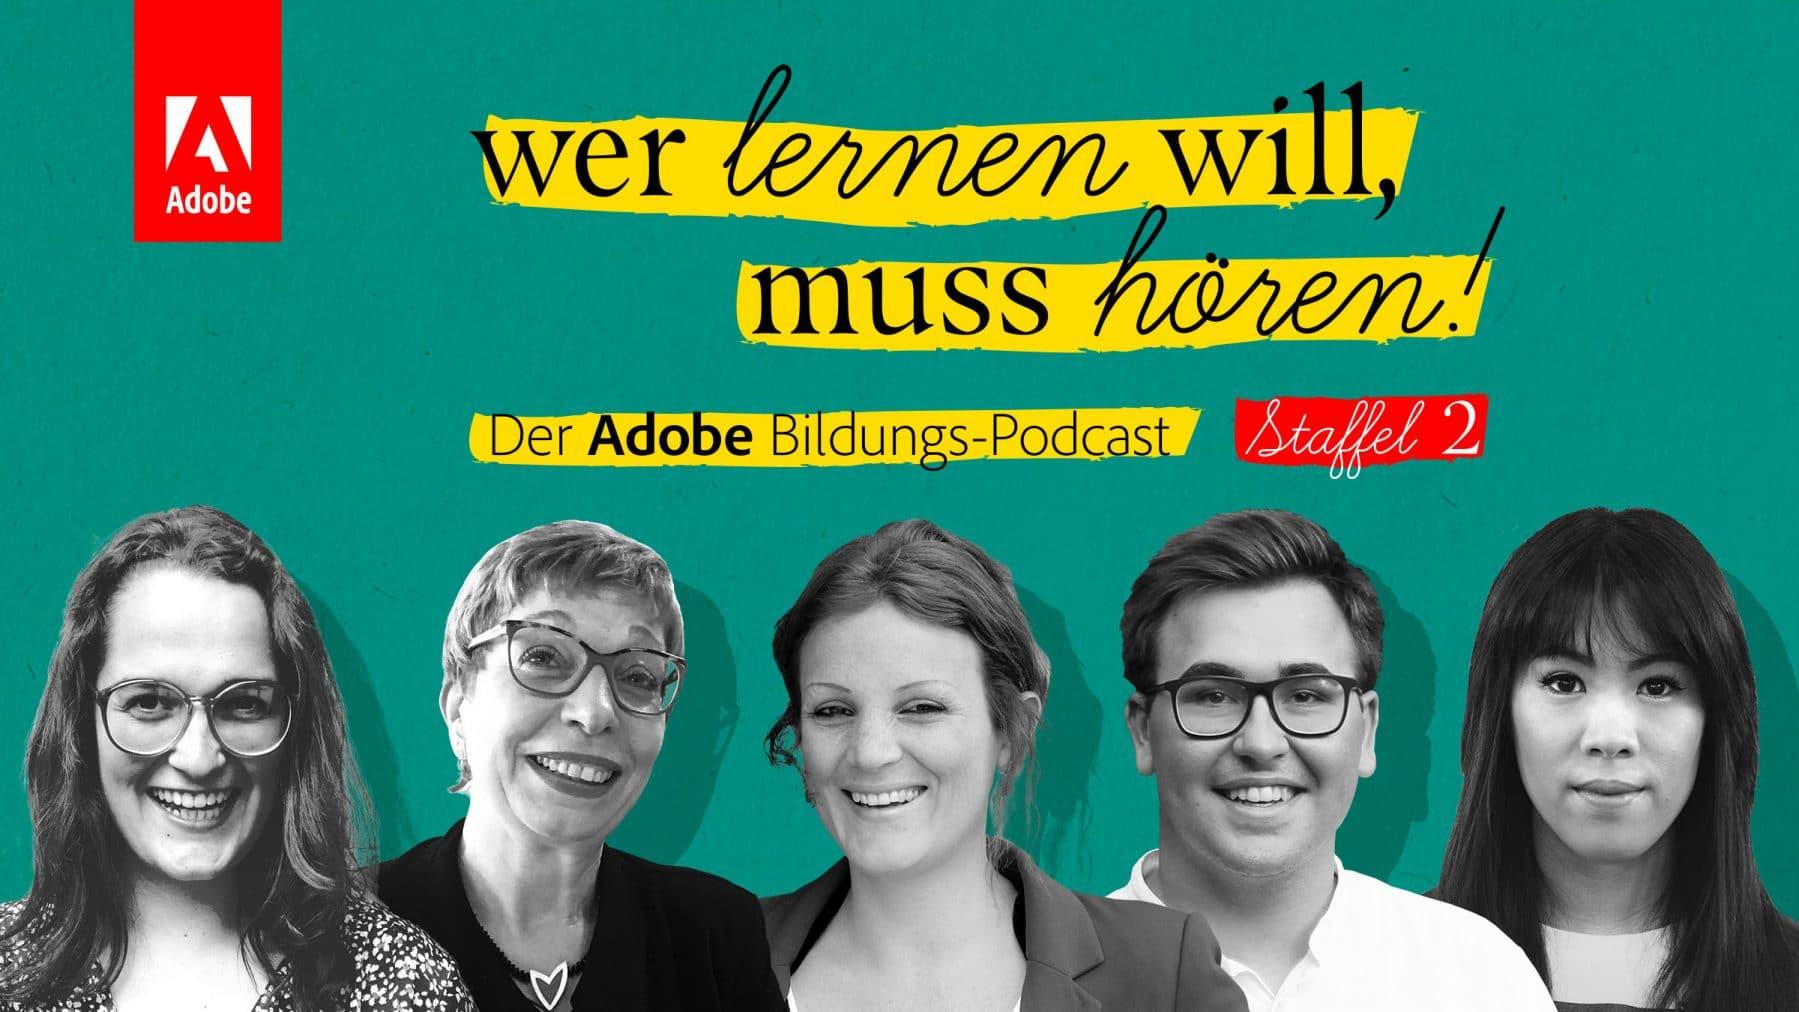 Wer lernen will muss hören - Der Adobe Bildungs-Podcast Staffel 2